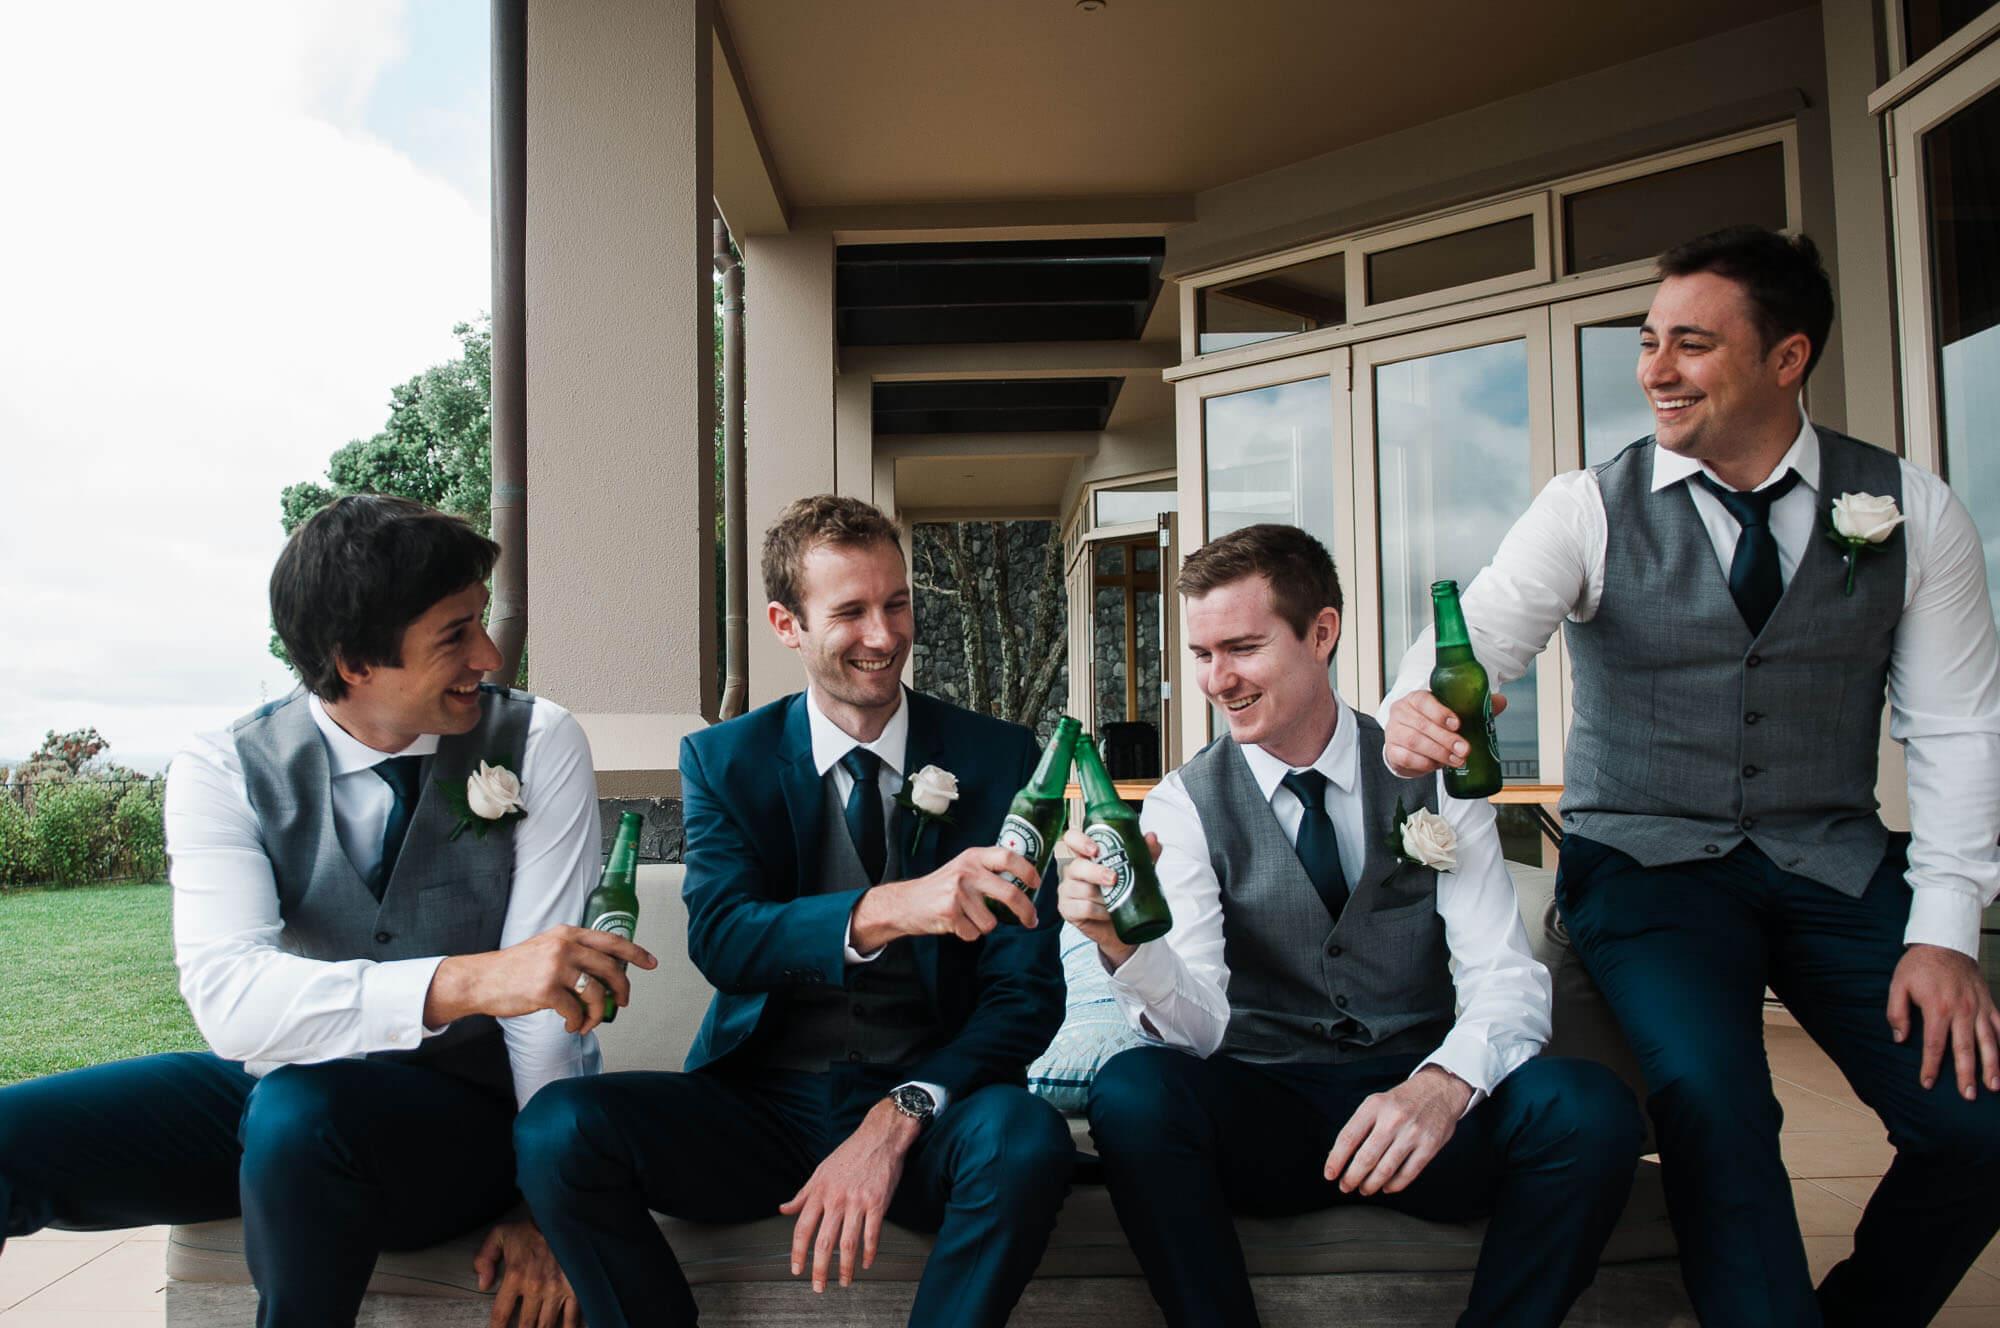 groom-and-groomsmen-cheers-with-beer.jpg